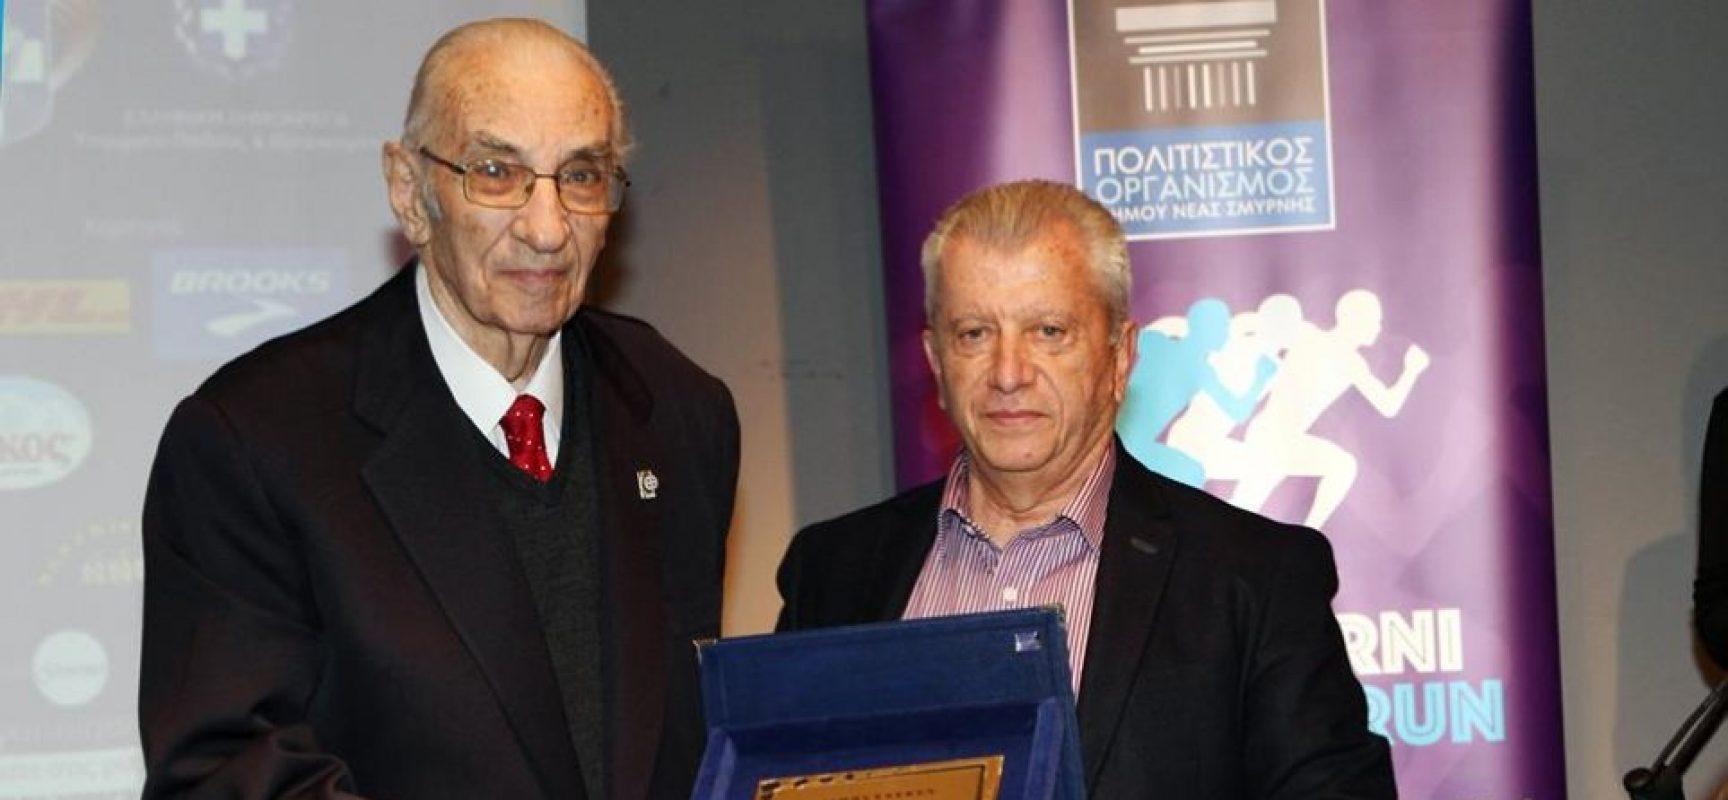 Το άρθρο του Πέτρου Λινάρδου με τίτλο «Η Τοξοβολία στην Ελλάδα»